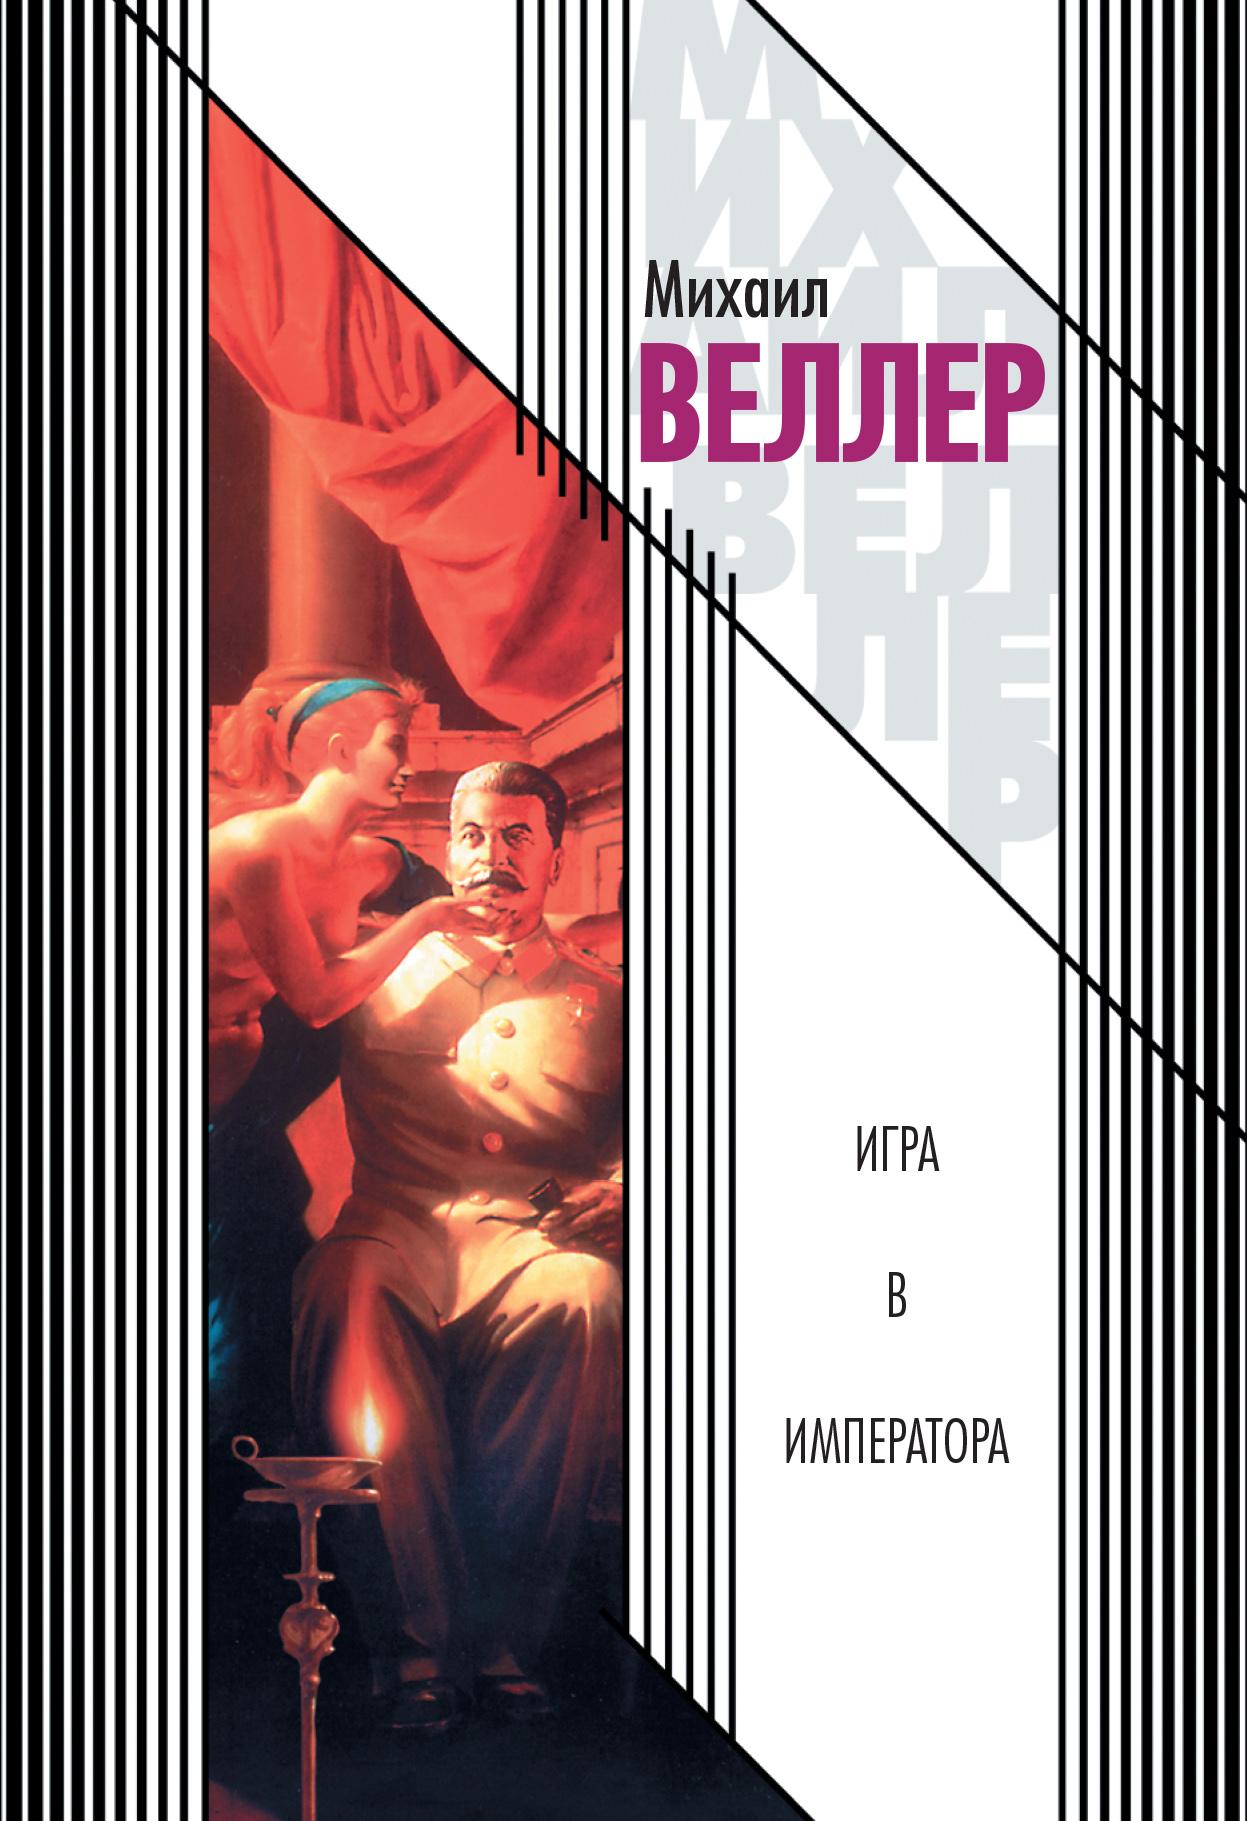 Михаил Веллер Игра в императора м м кириллов перерождение история болезни книга первая восьмидесятые годы – 1992 год